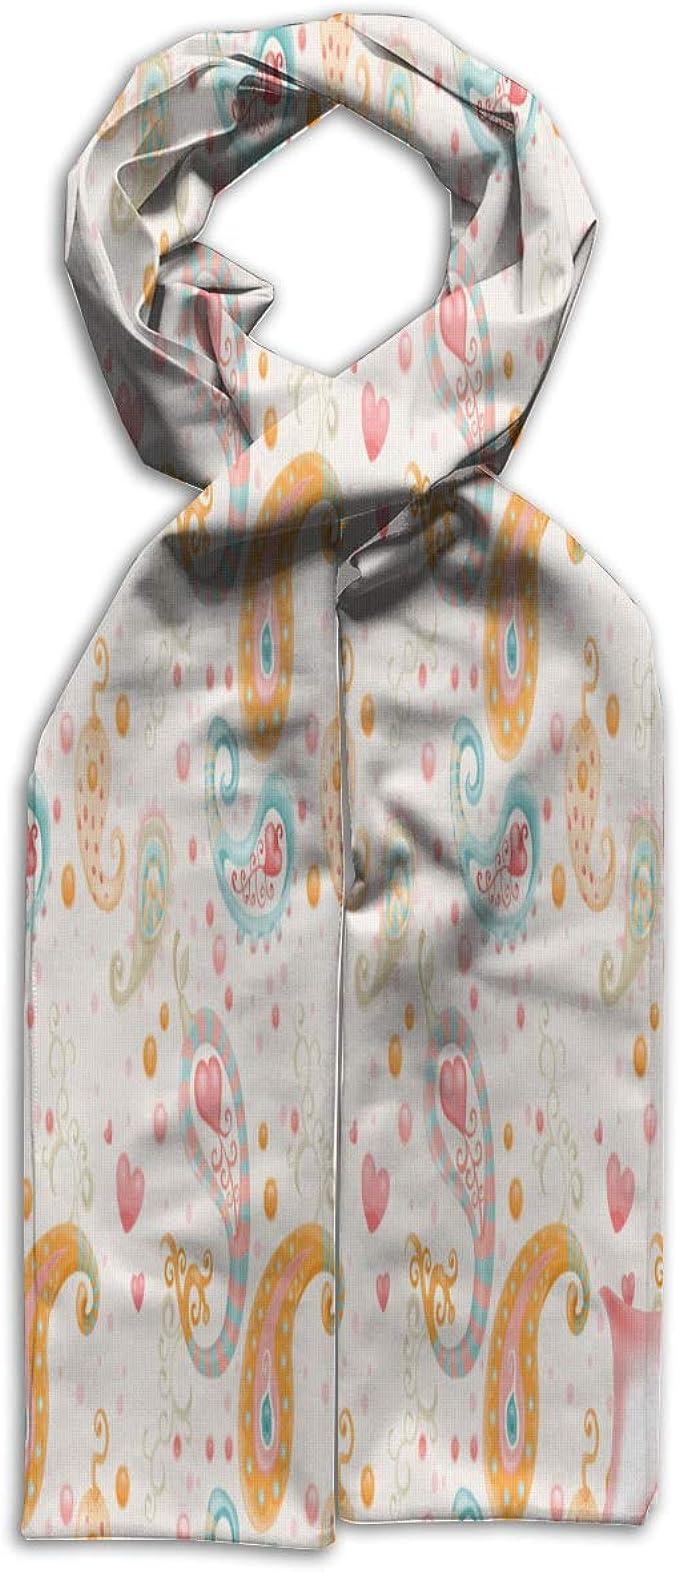 Kids Scarf Paisley Orange Blue Scarves Winter Warm Bandelet For Child